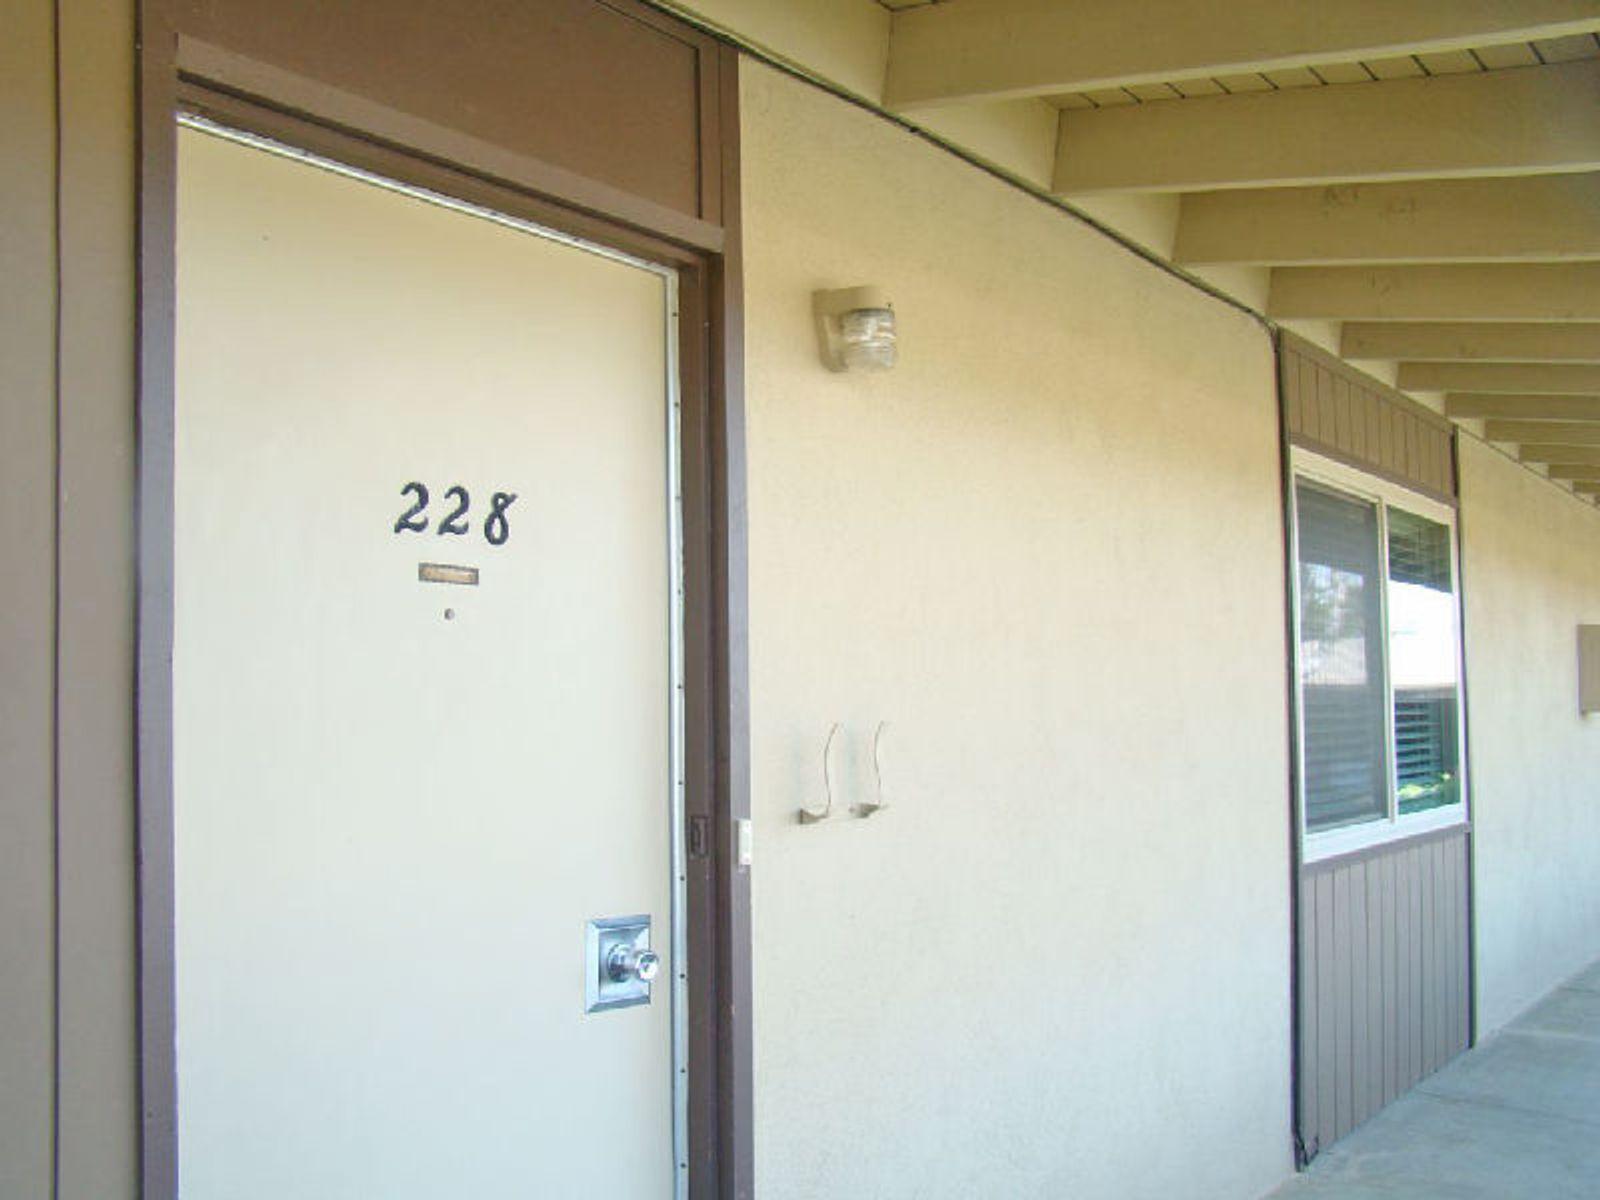 228 Hacienda Carmel